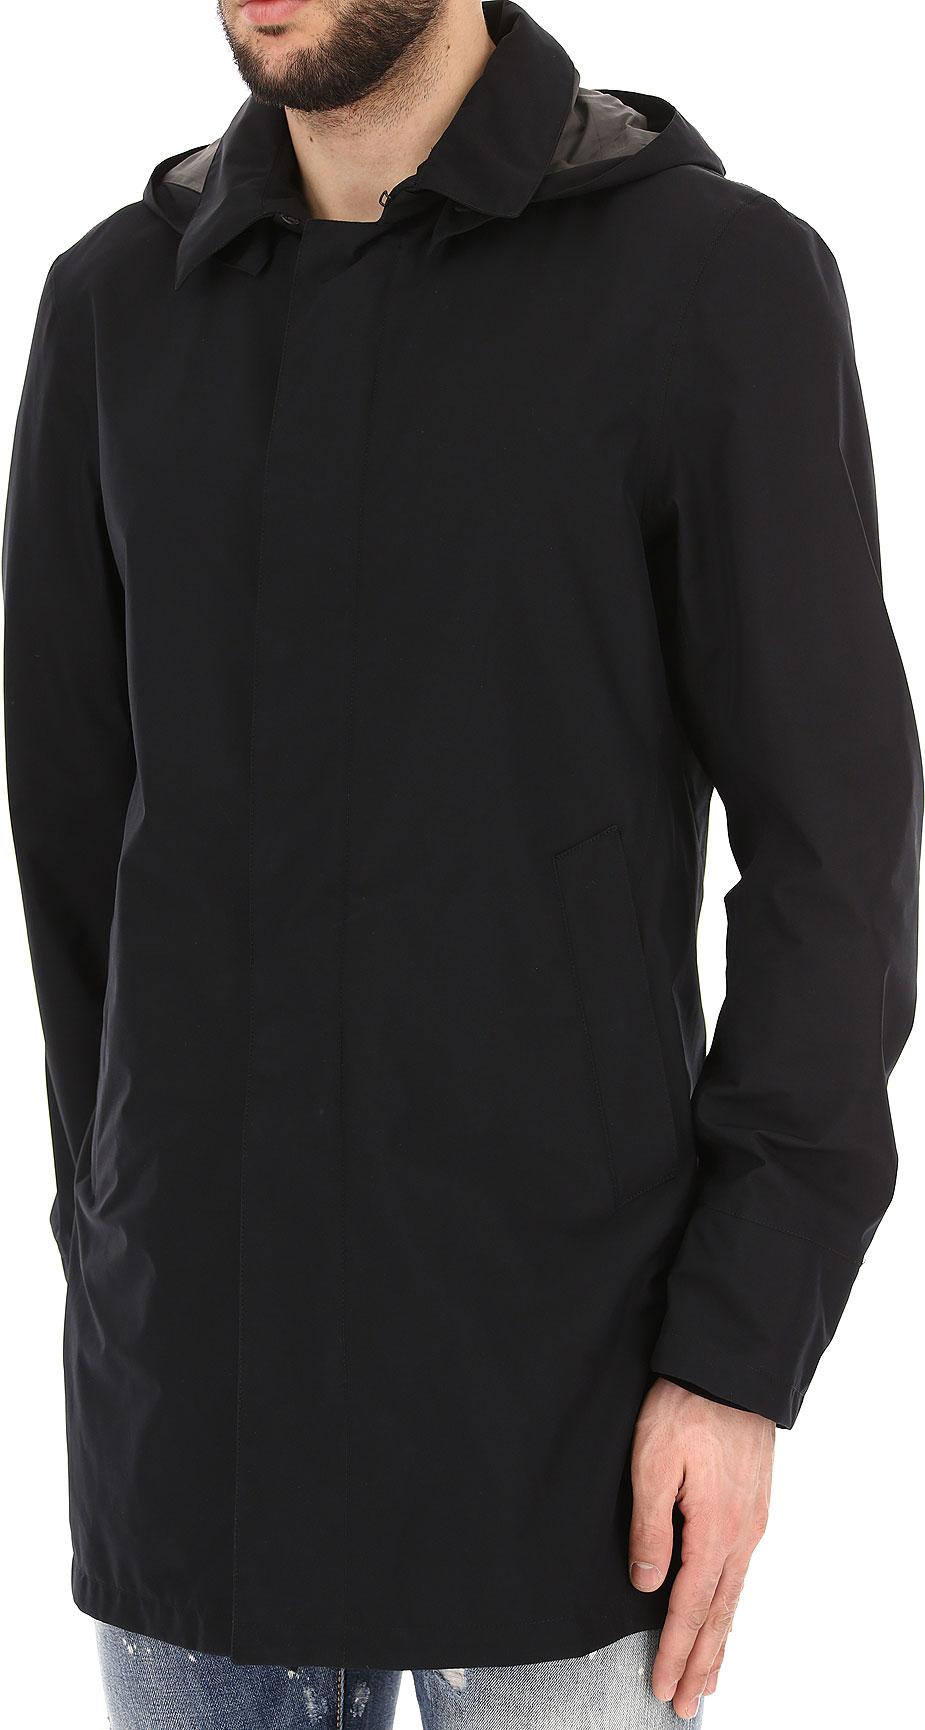 Abbigliamento Uomo Herno, Codice Articolo: im019ul-11101-9290